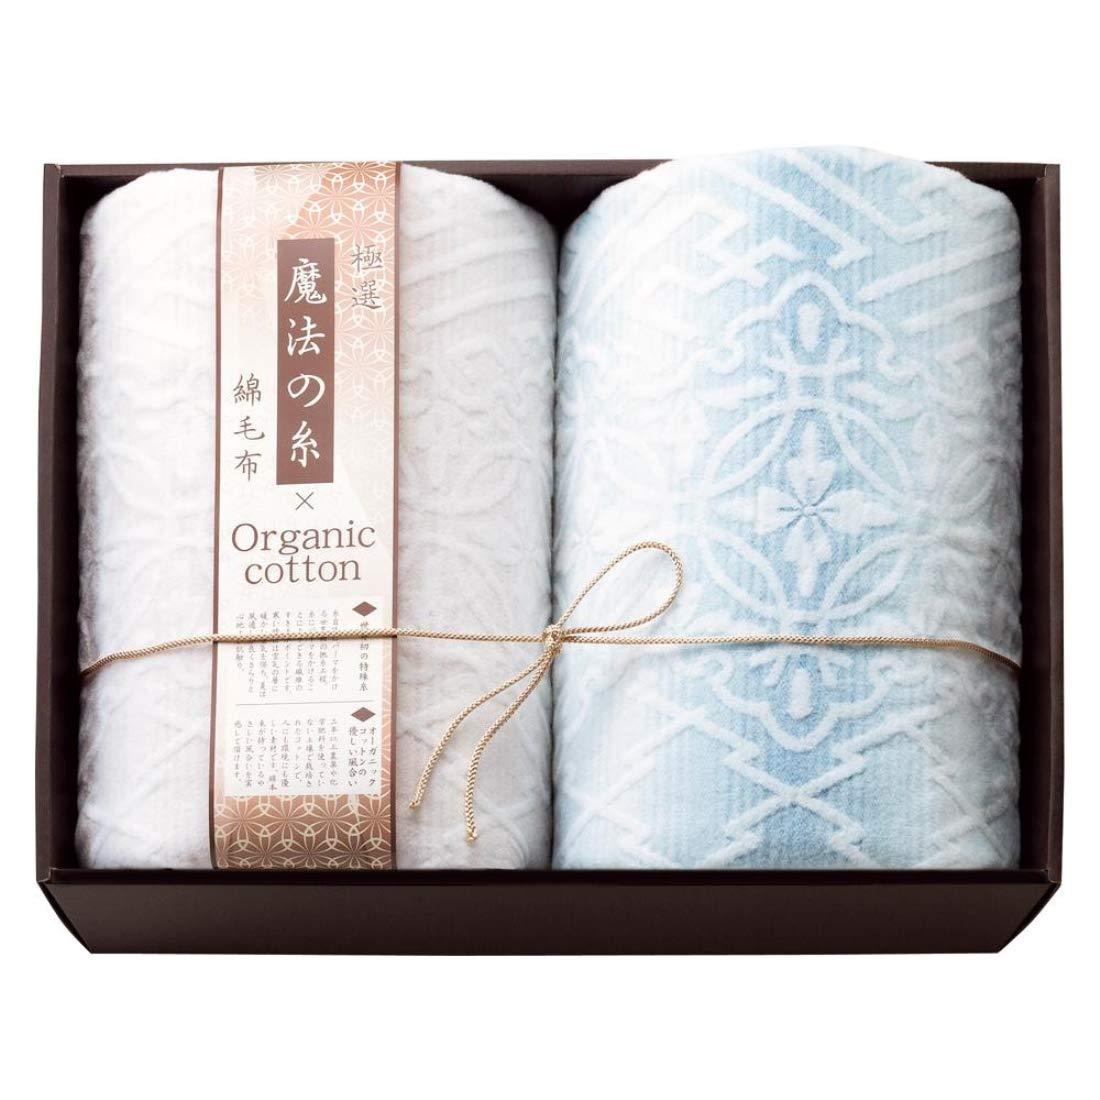 □寝装 寝具関連 おしゃれ□オーガニック 綿毛布2P B07QK3HQWT